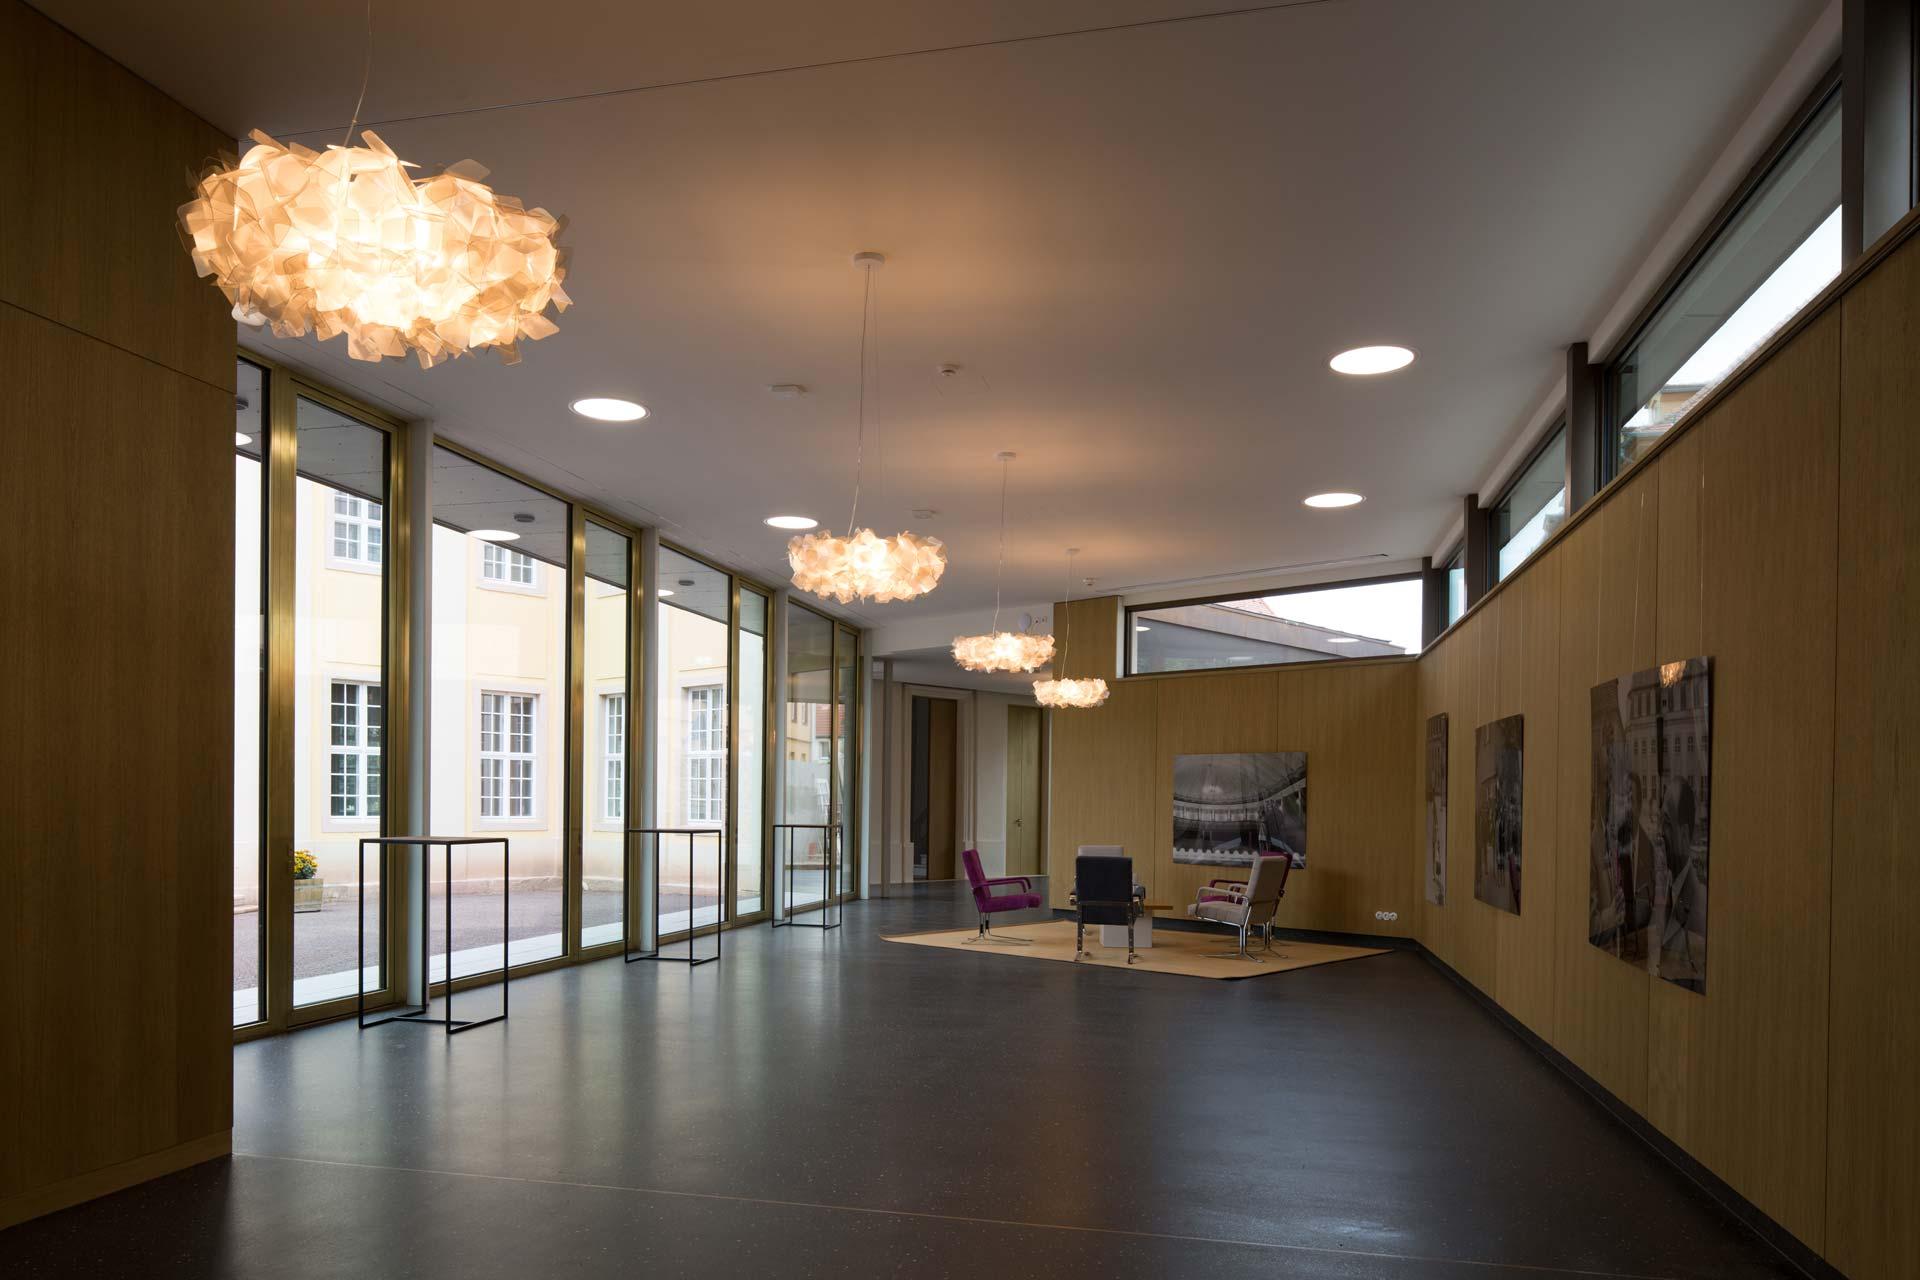 spielplan historische kuranlagen goethe theater bad lauchst dt. Black Bedroom Furniture Sets. Home Design Ideas